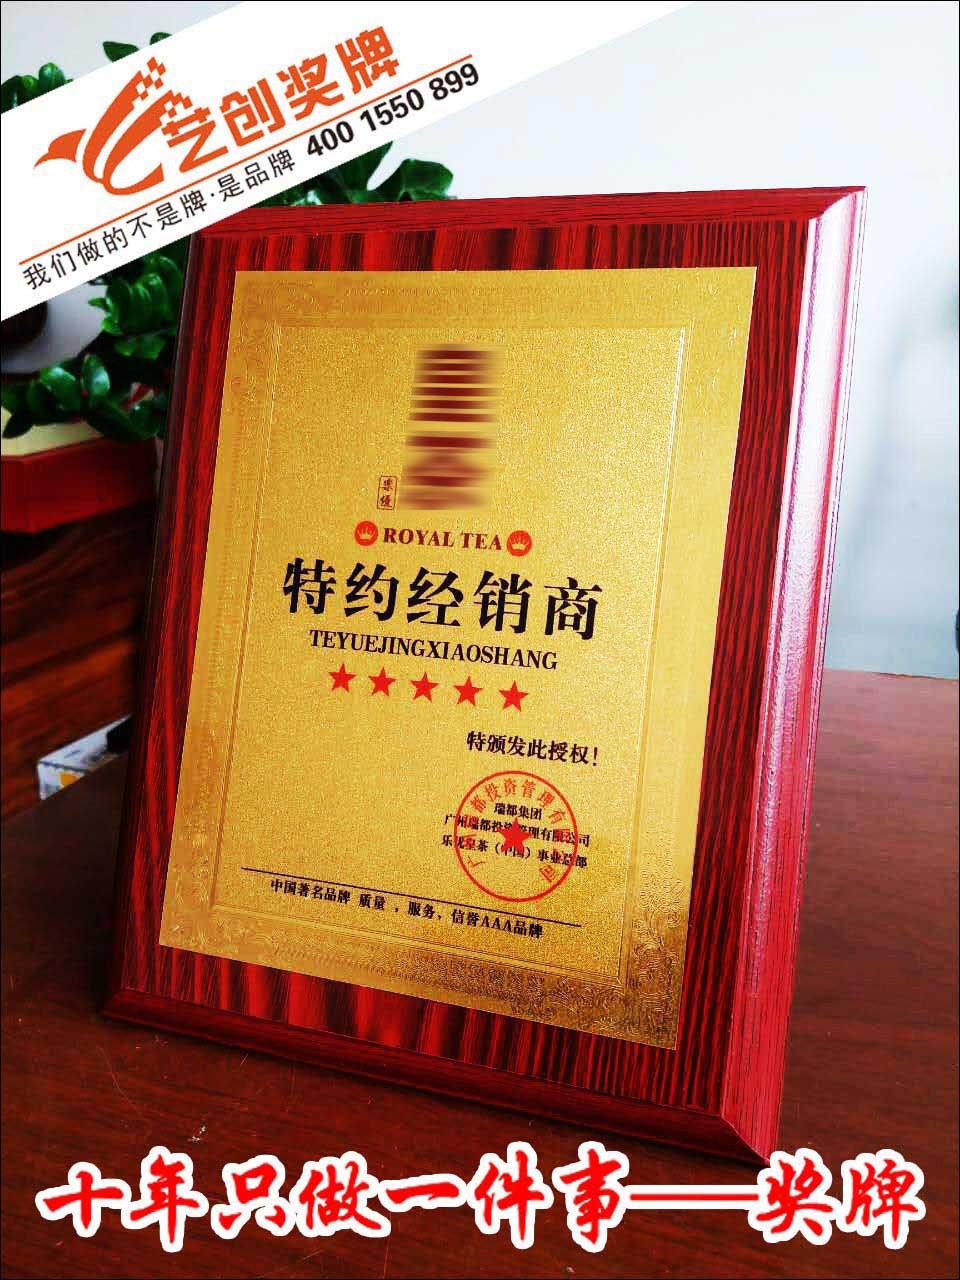 当天下单,次日到达的广东省奖牌制作厂家